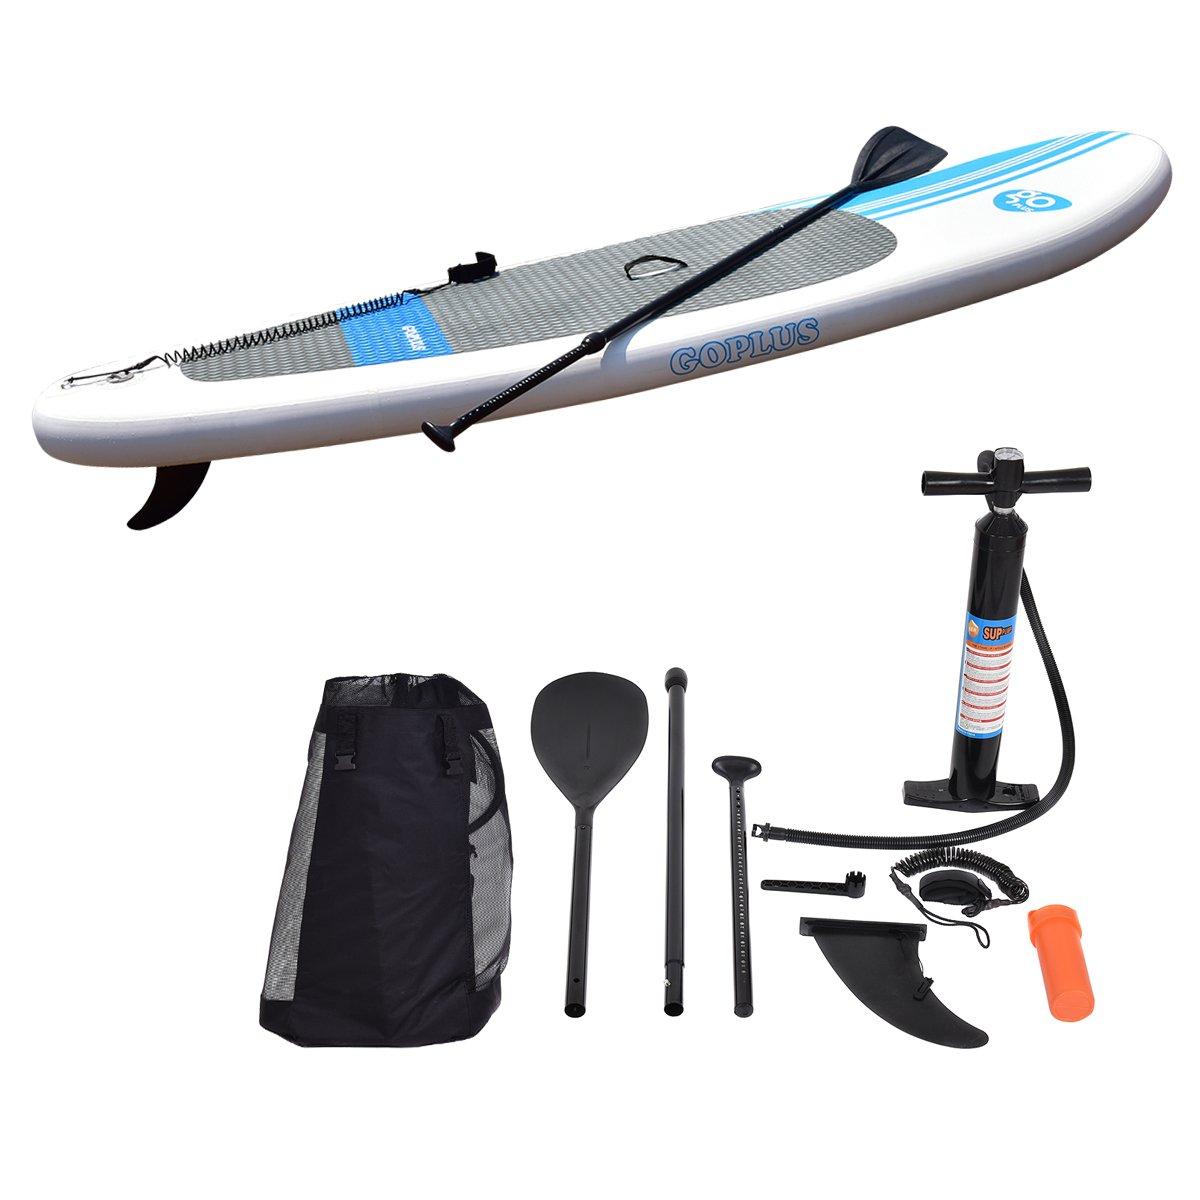 vengaconmigo Tabla de Surf Tabla de Paddle Hinchables Tabla Inflable para Adultos Incluida Remo Cuerda de pie Bomba de Aire Mochila